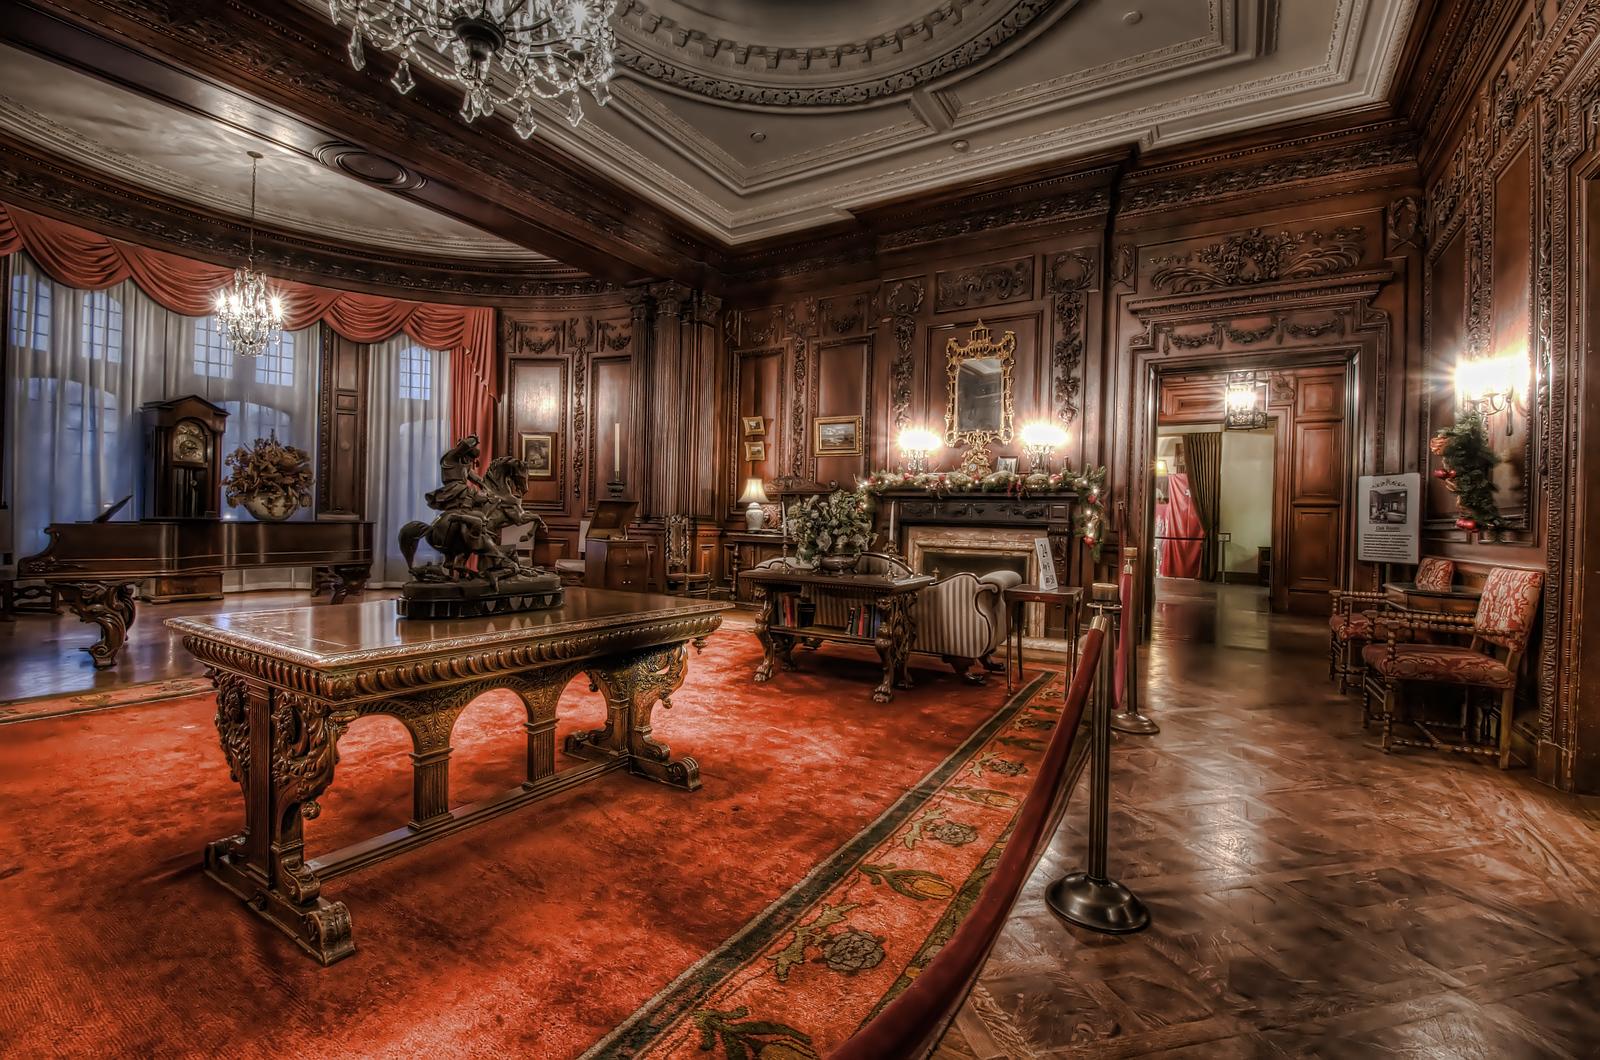 The Oak Room of Casa Loma